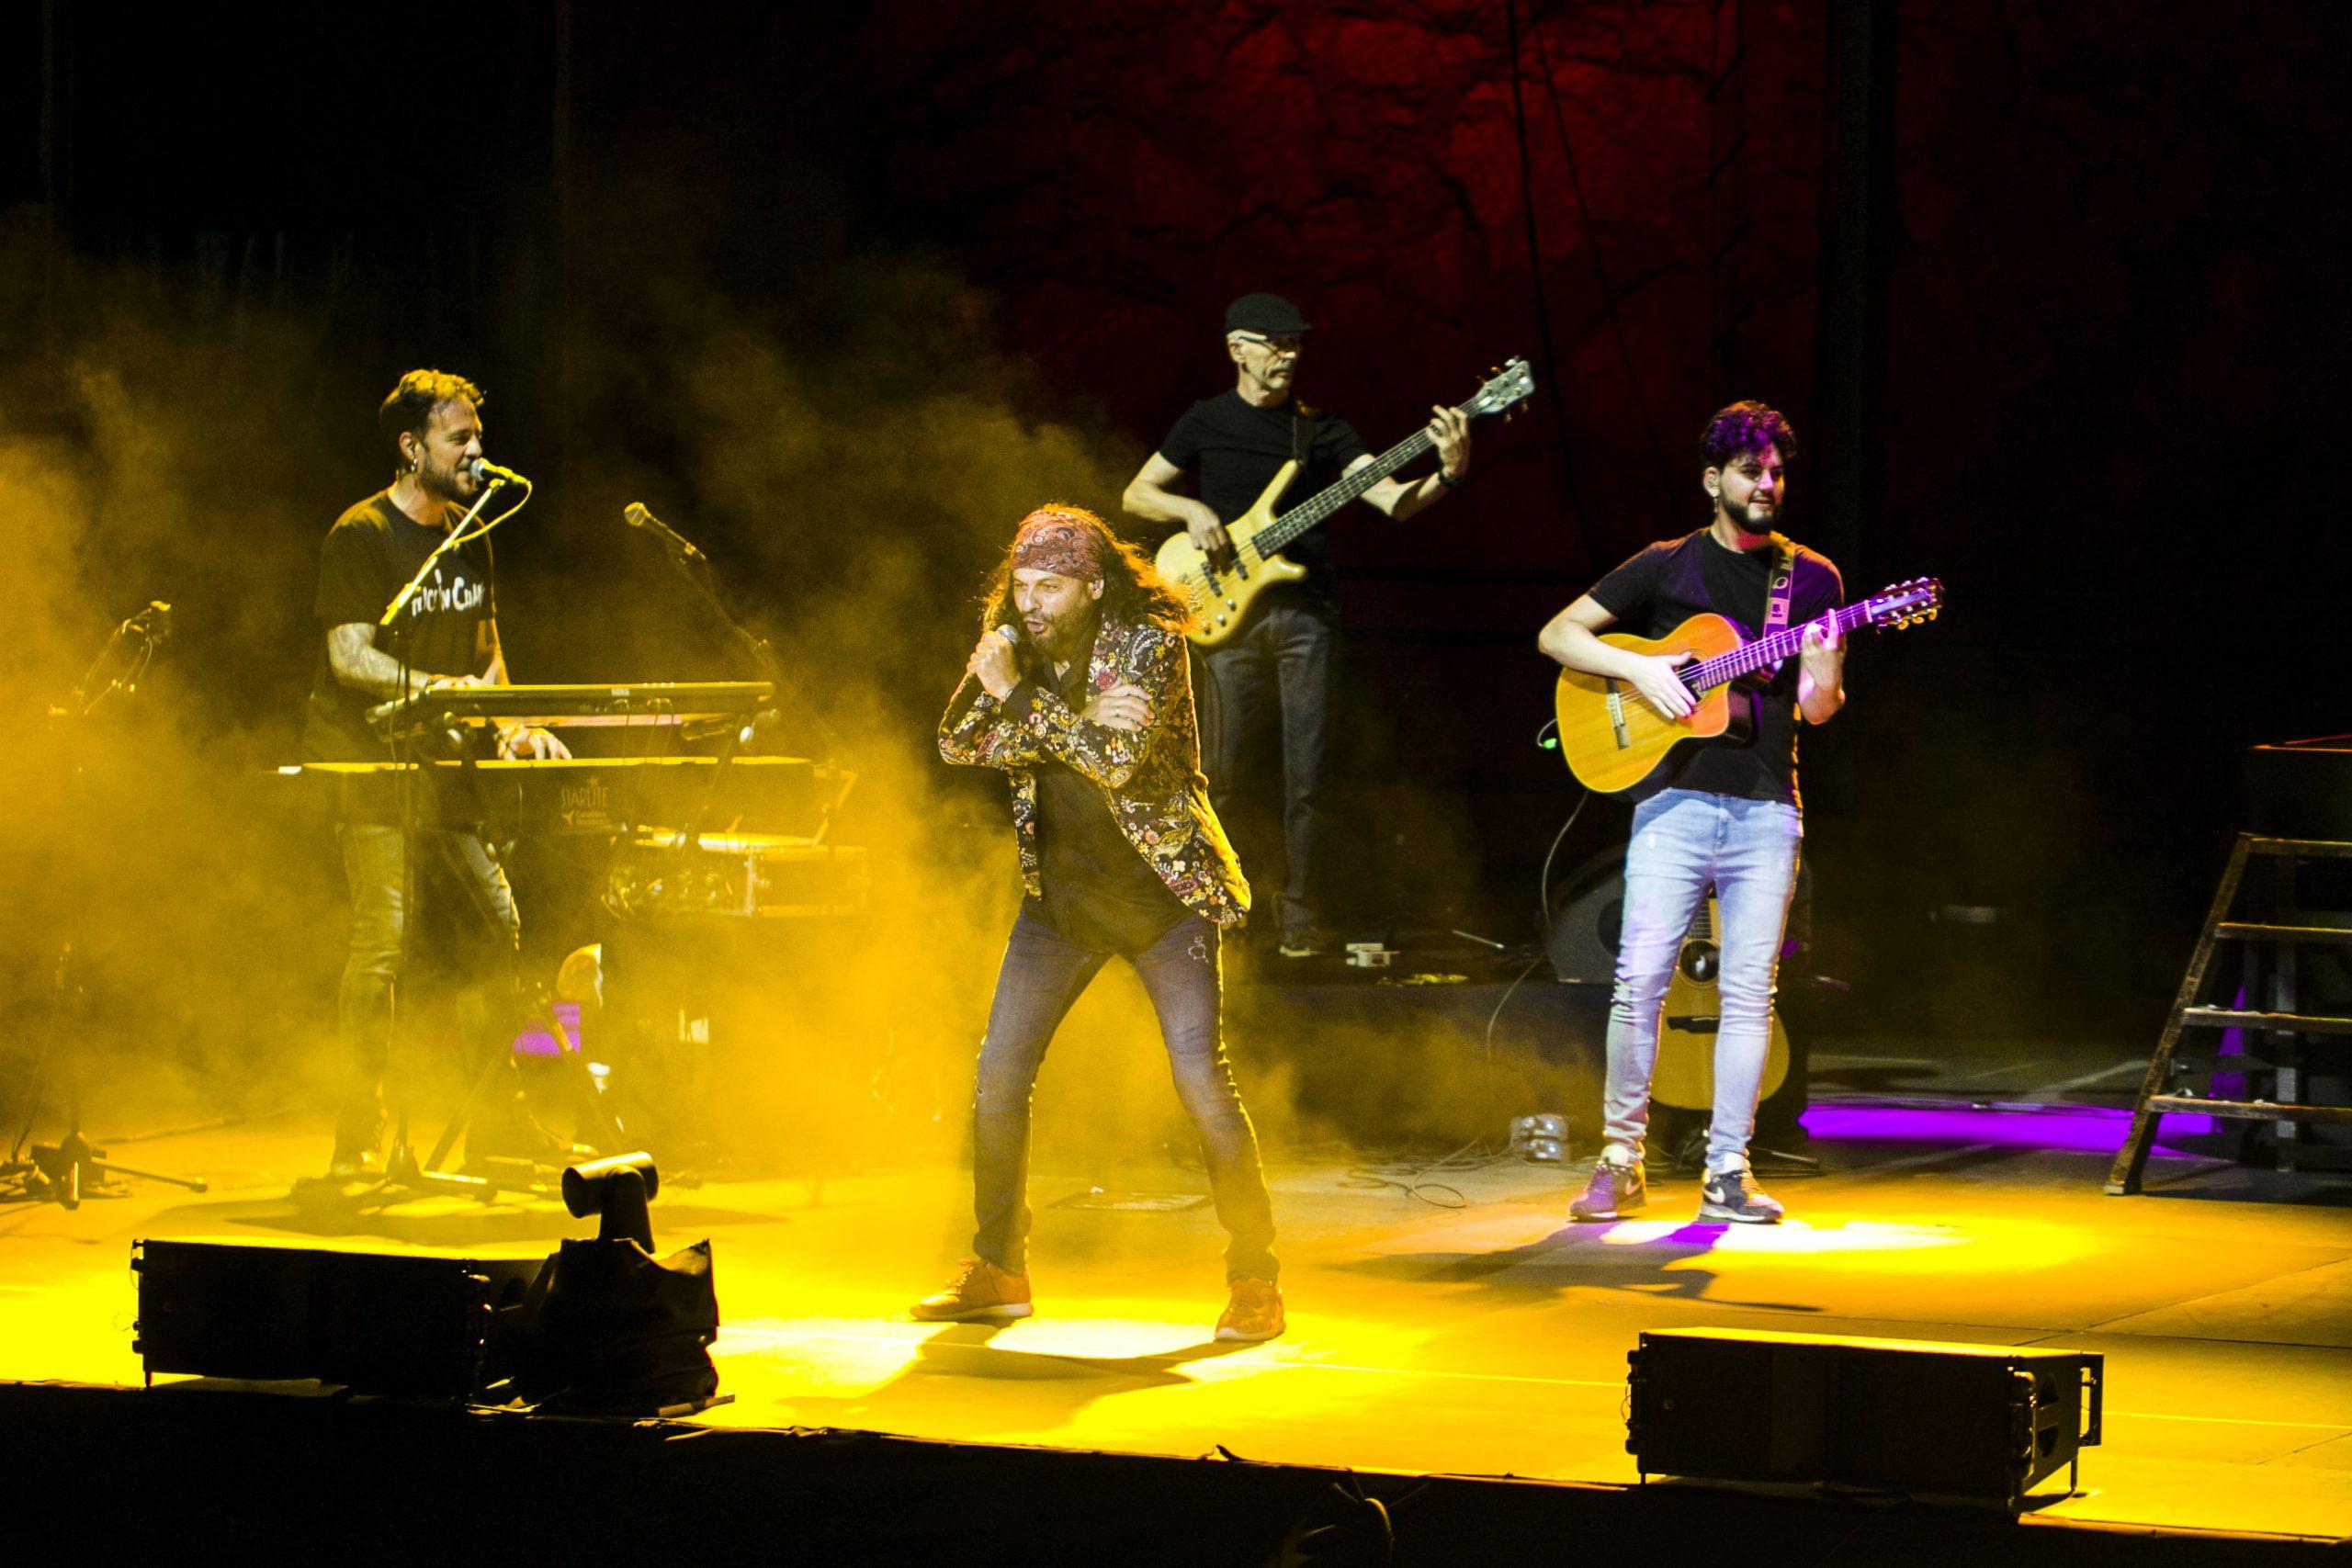 El Arrebato celebra 20 años de música en Starlite Catalana Occidente